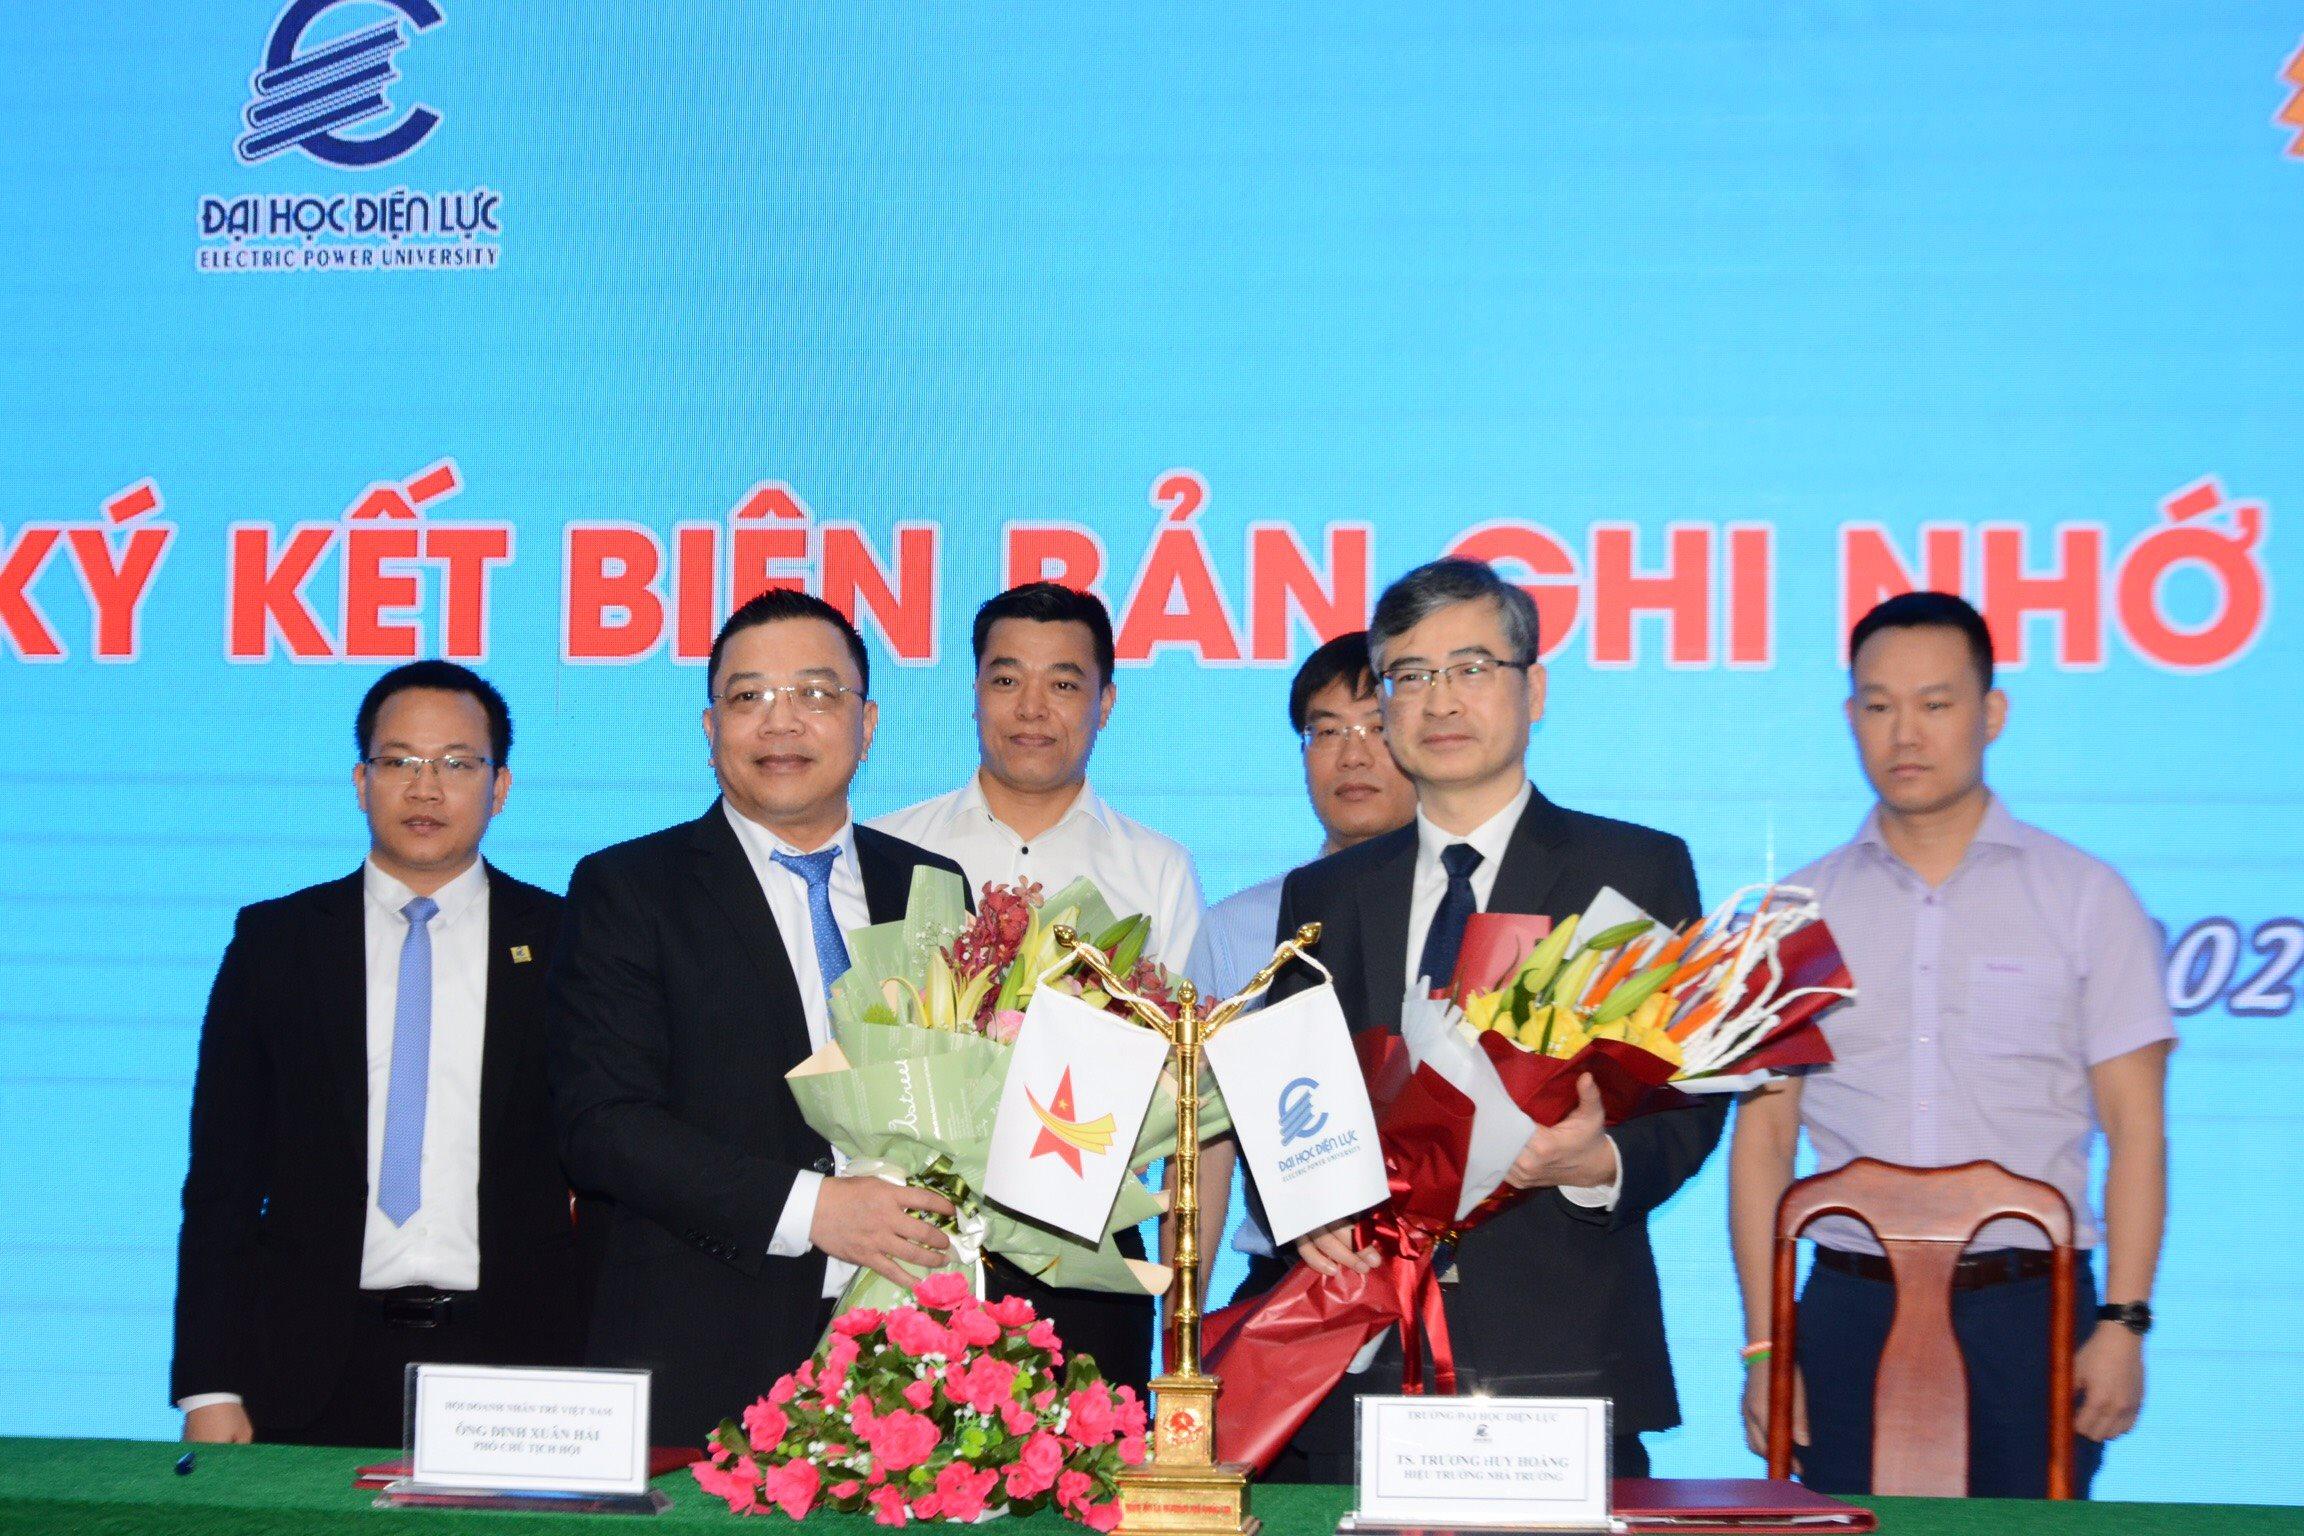 Hội Doanh nhân trẻ Việt Nam triển khai dự án sản xuất máy trợ thở